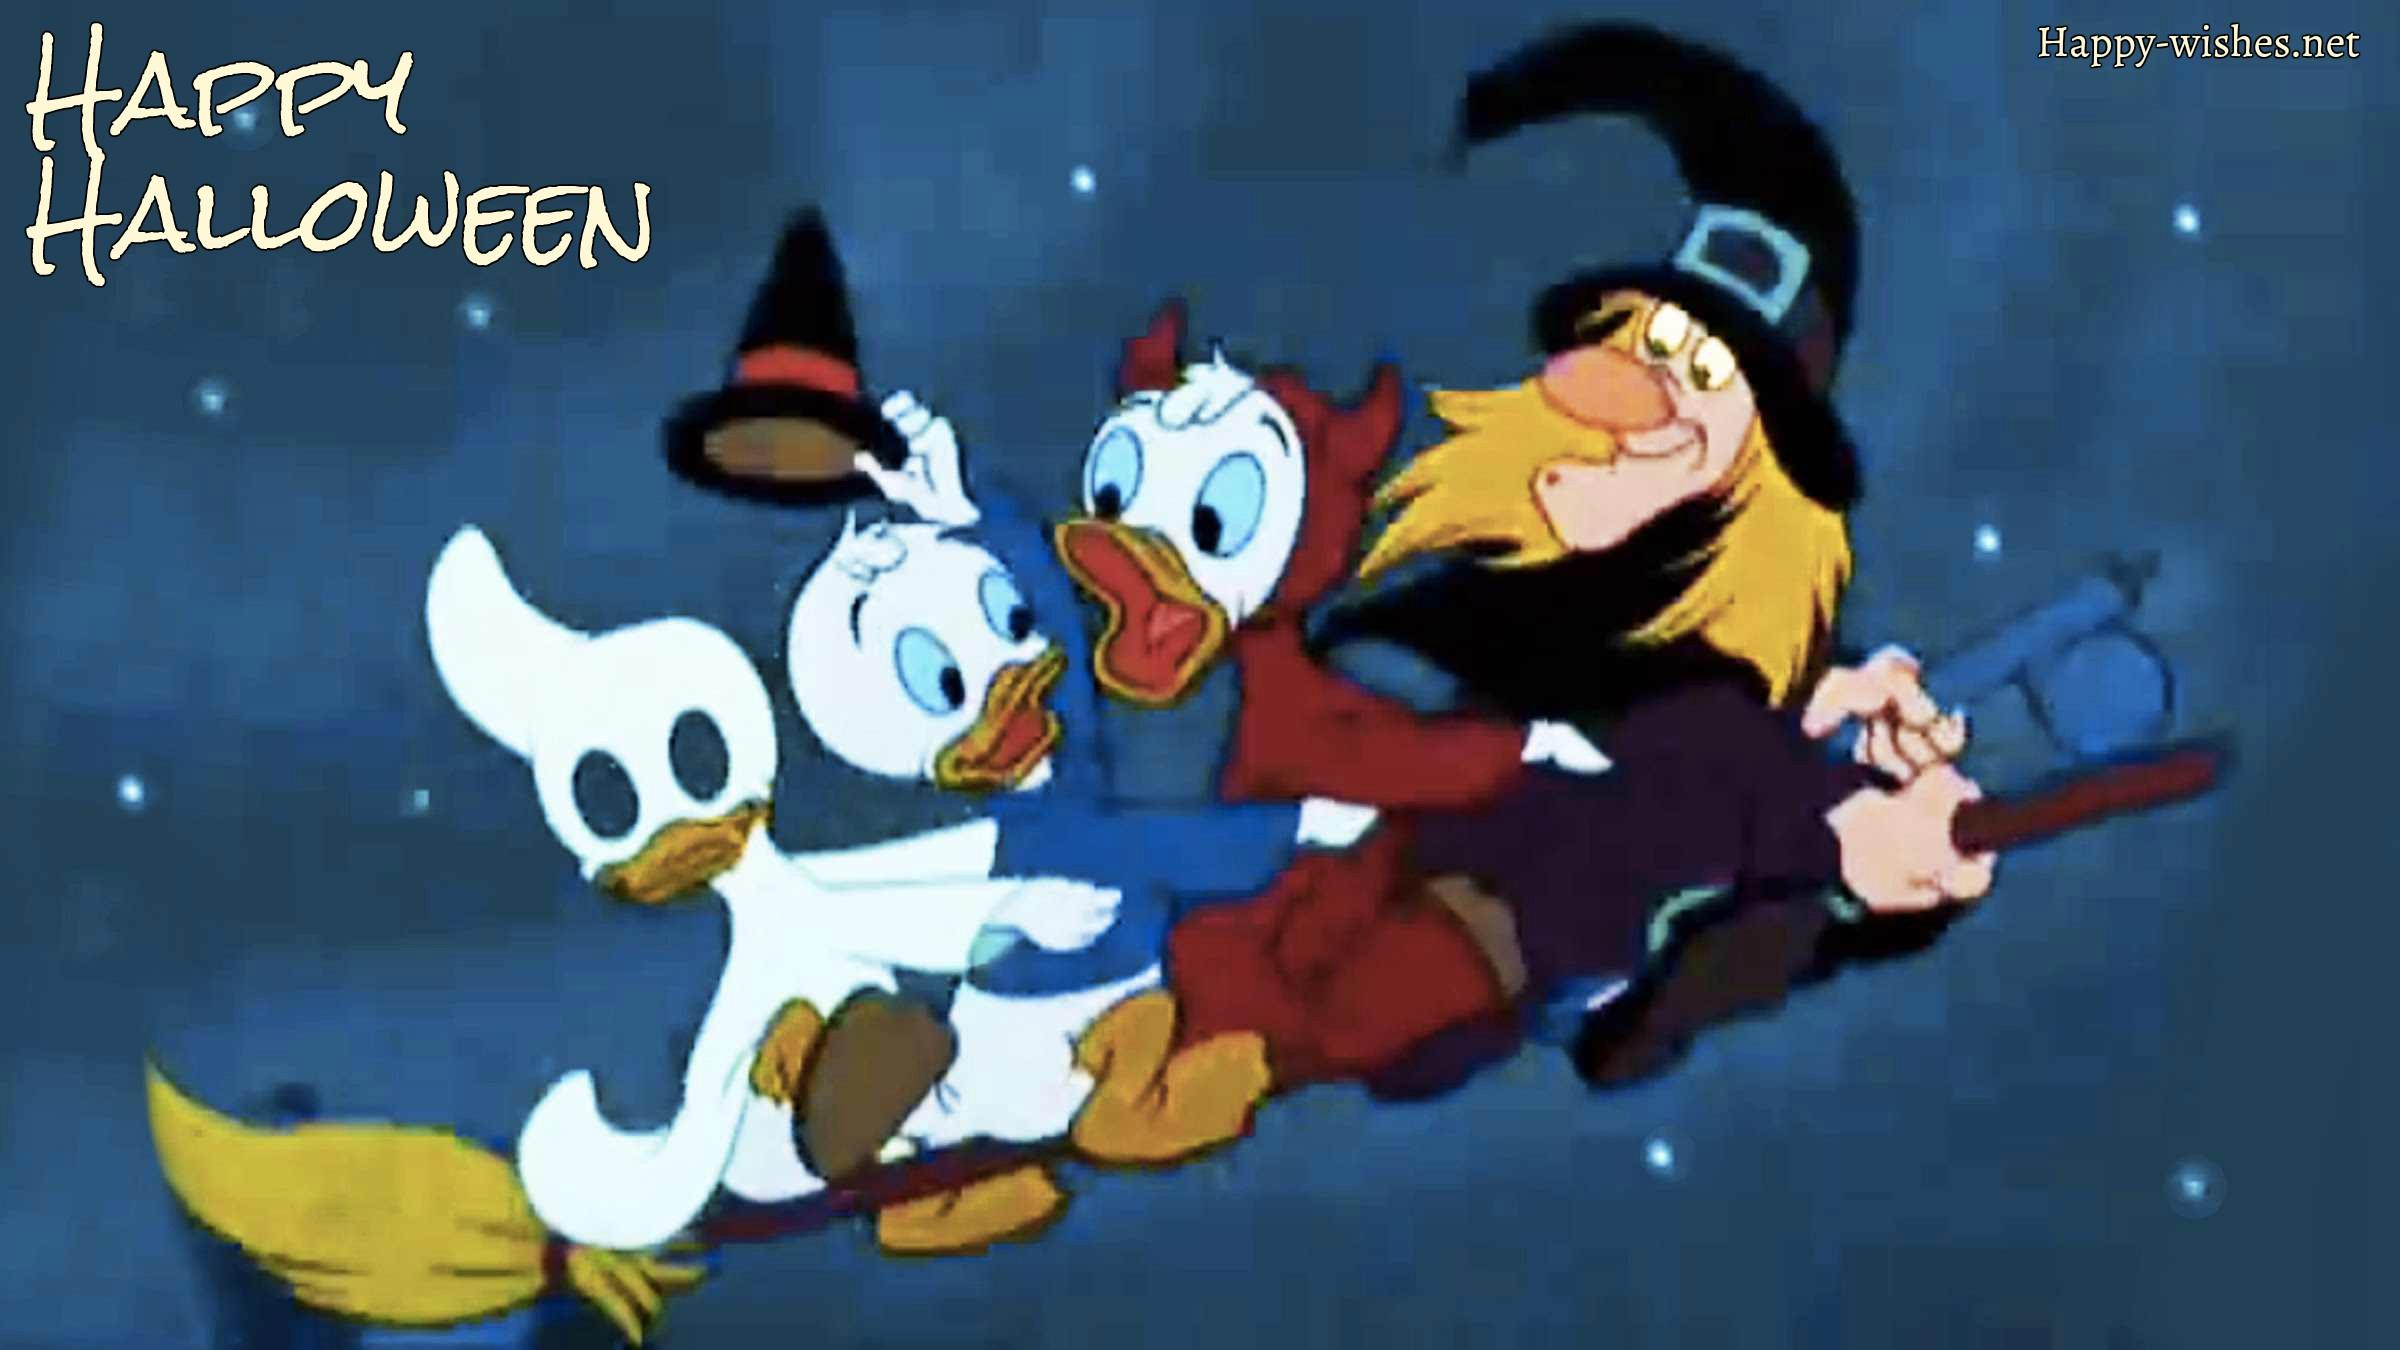 Donald duck Halloween Images